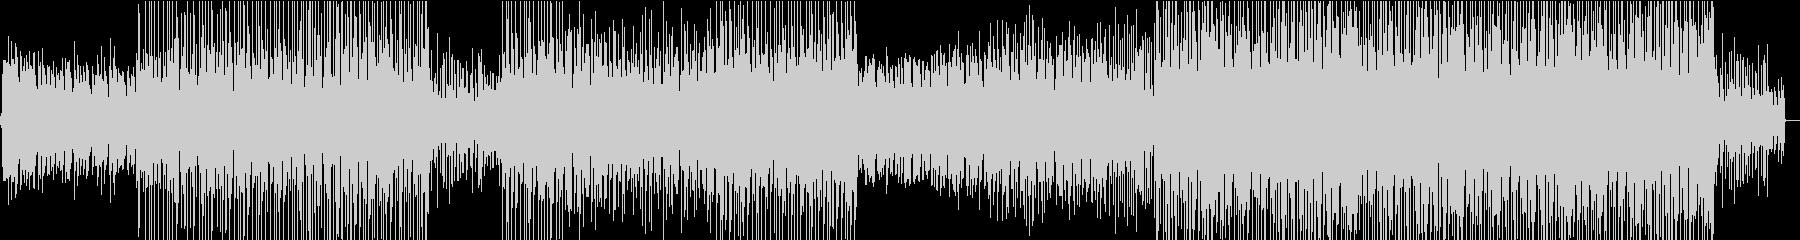 波の音から始まる爽やかなトロピカルハウスの未再生の波形